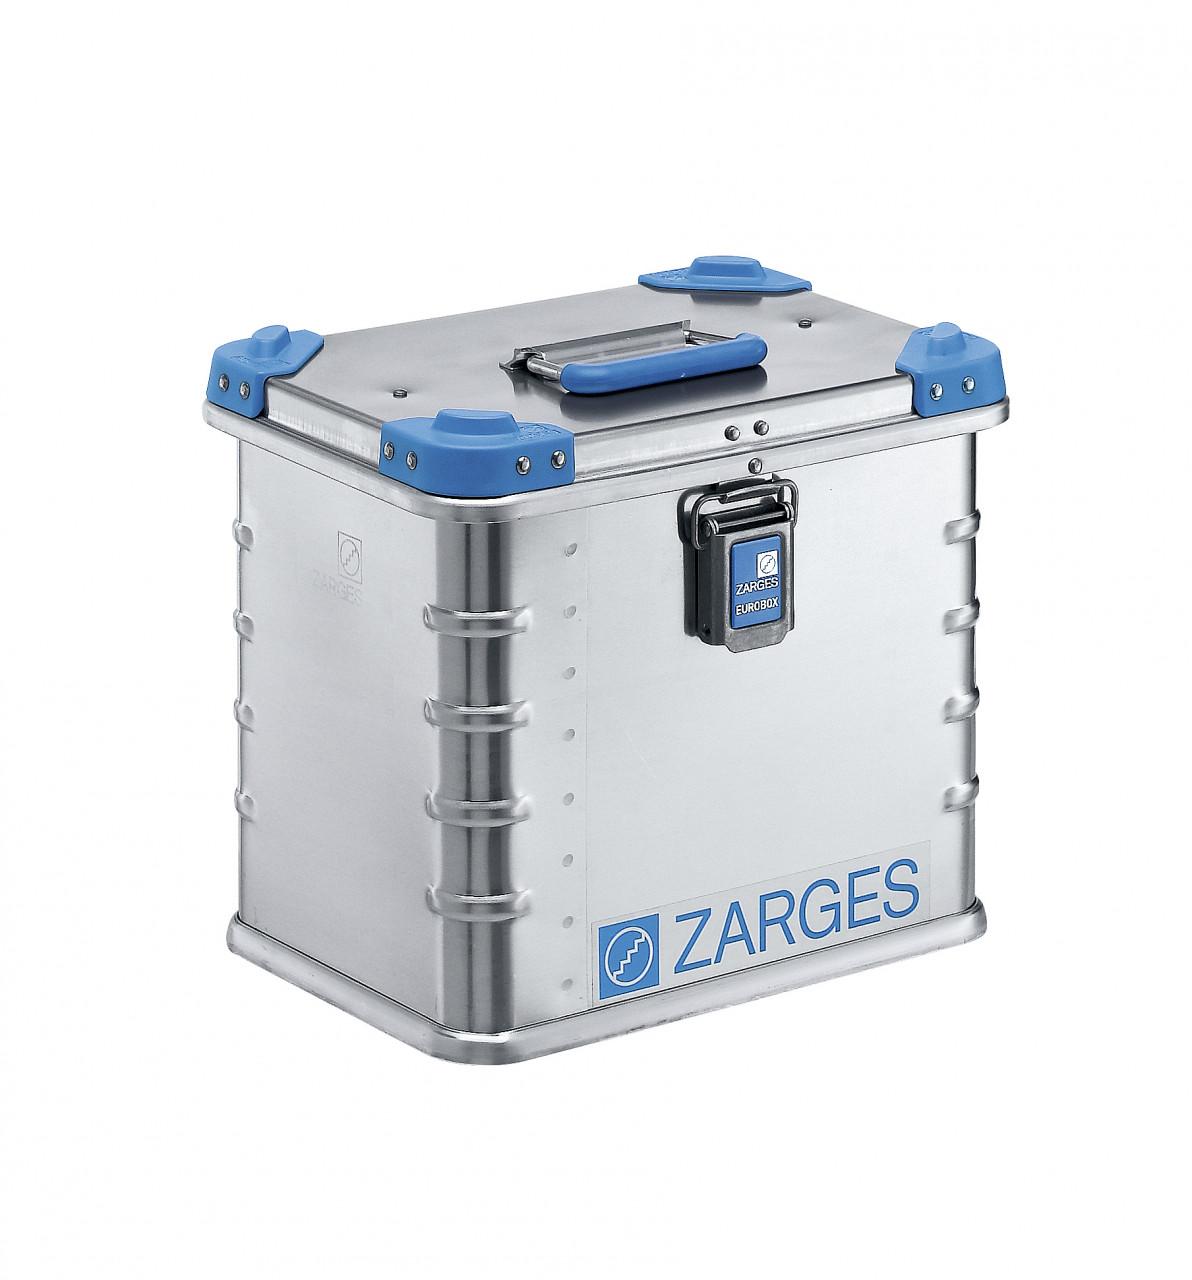 Zarges Eurobox 27 L | 04003866407002